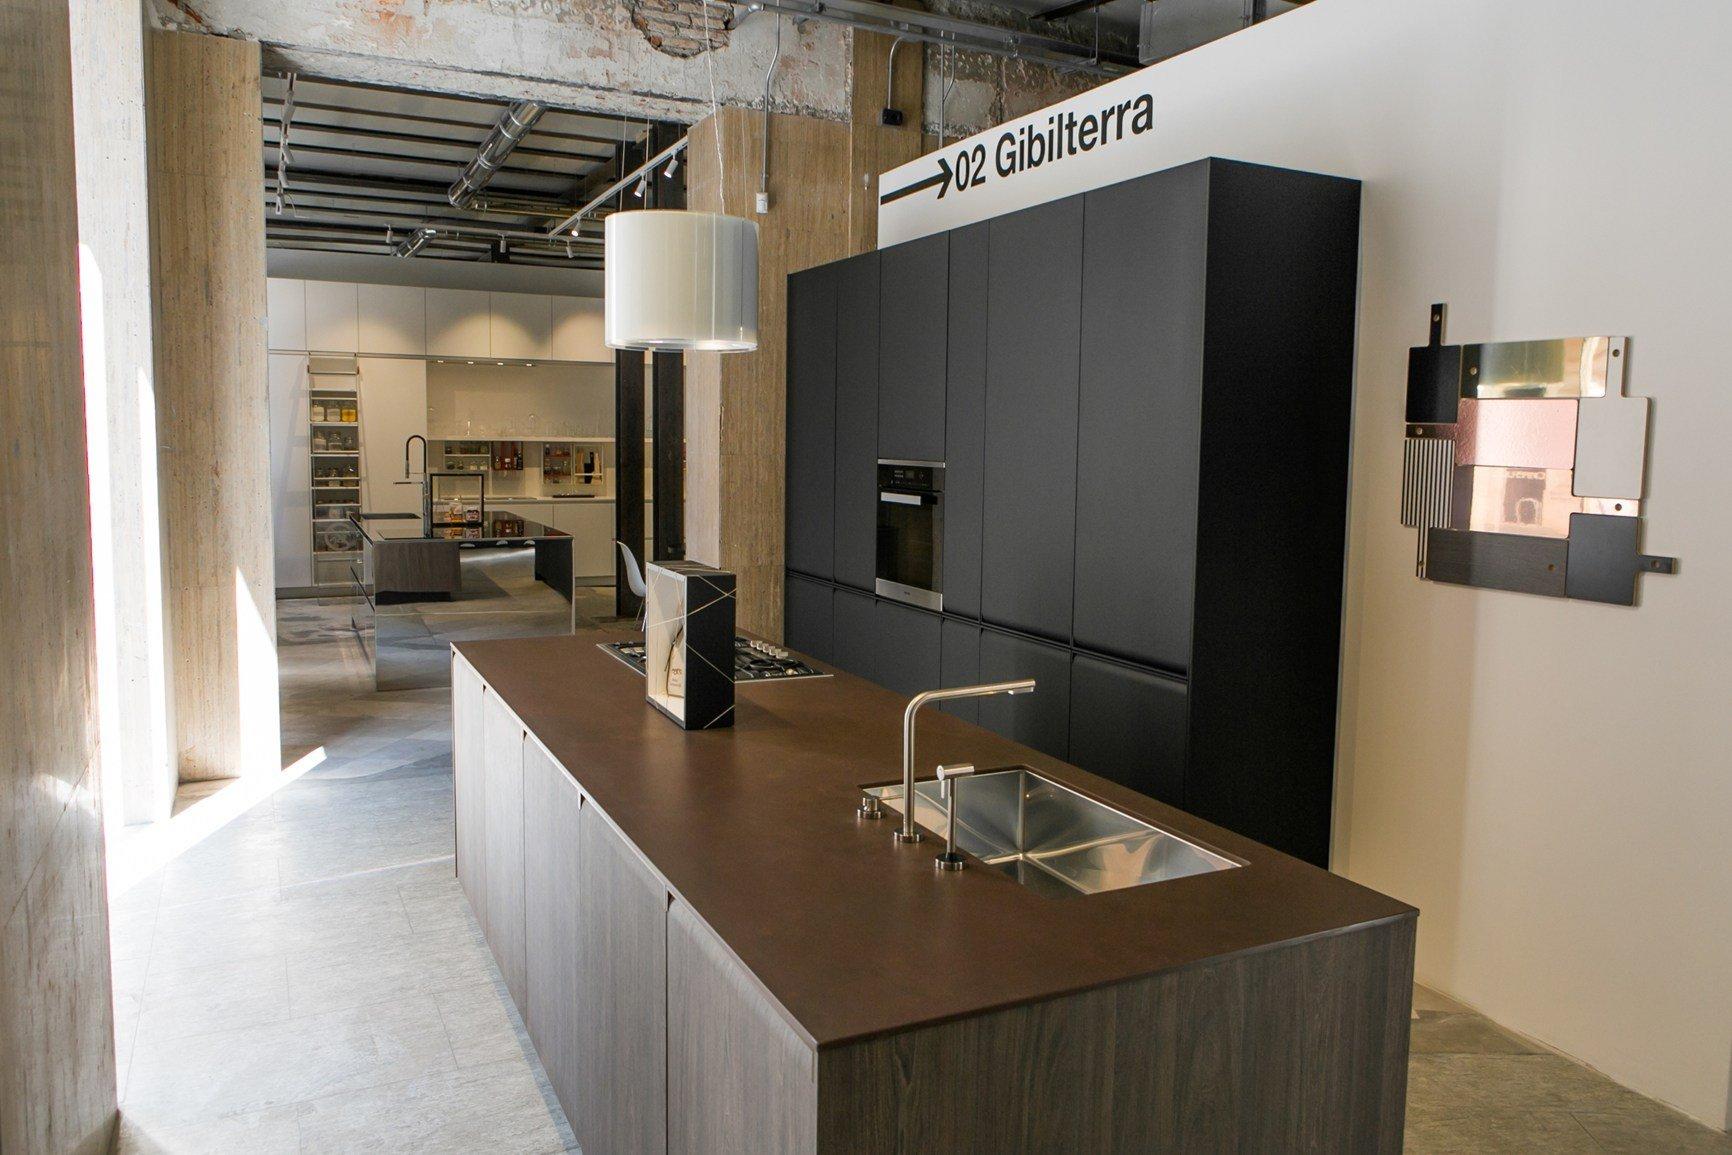 Un ambiente optical in bianco e nero accoglie le cucine del tongo - Del tongo cucina ...